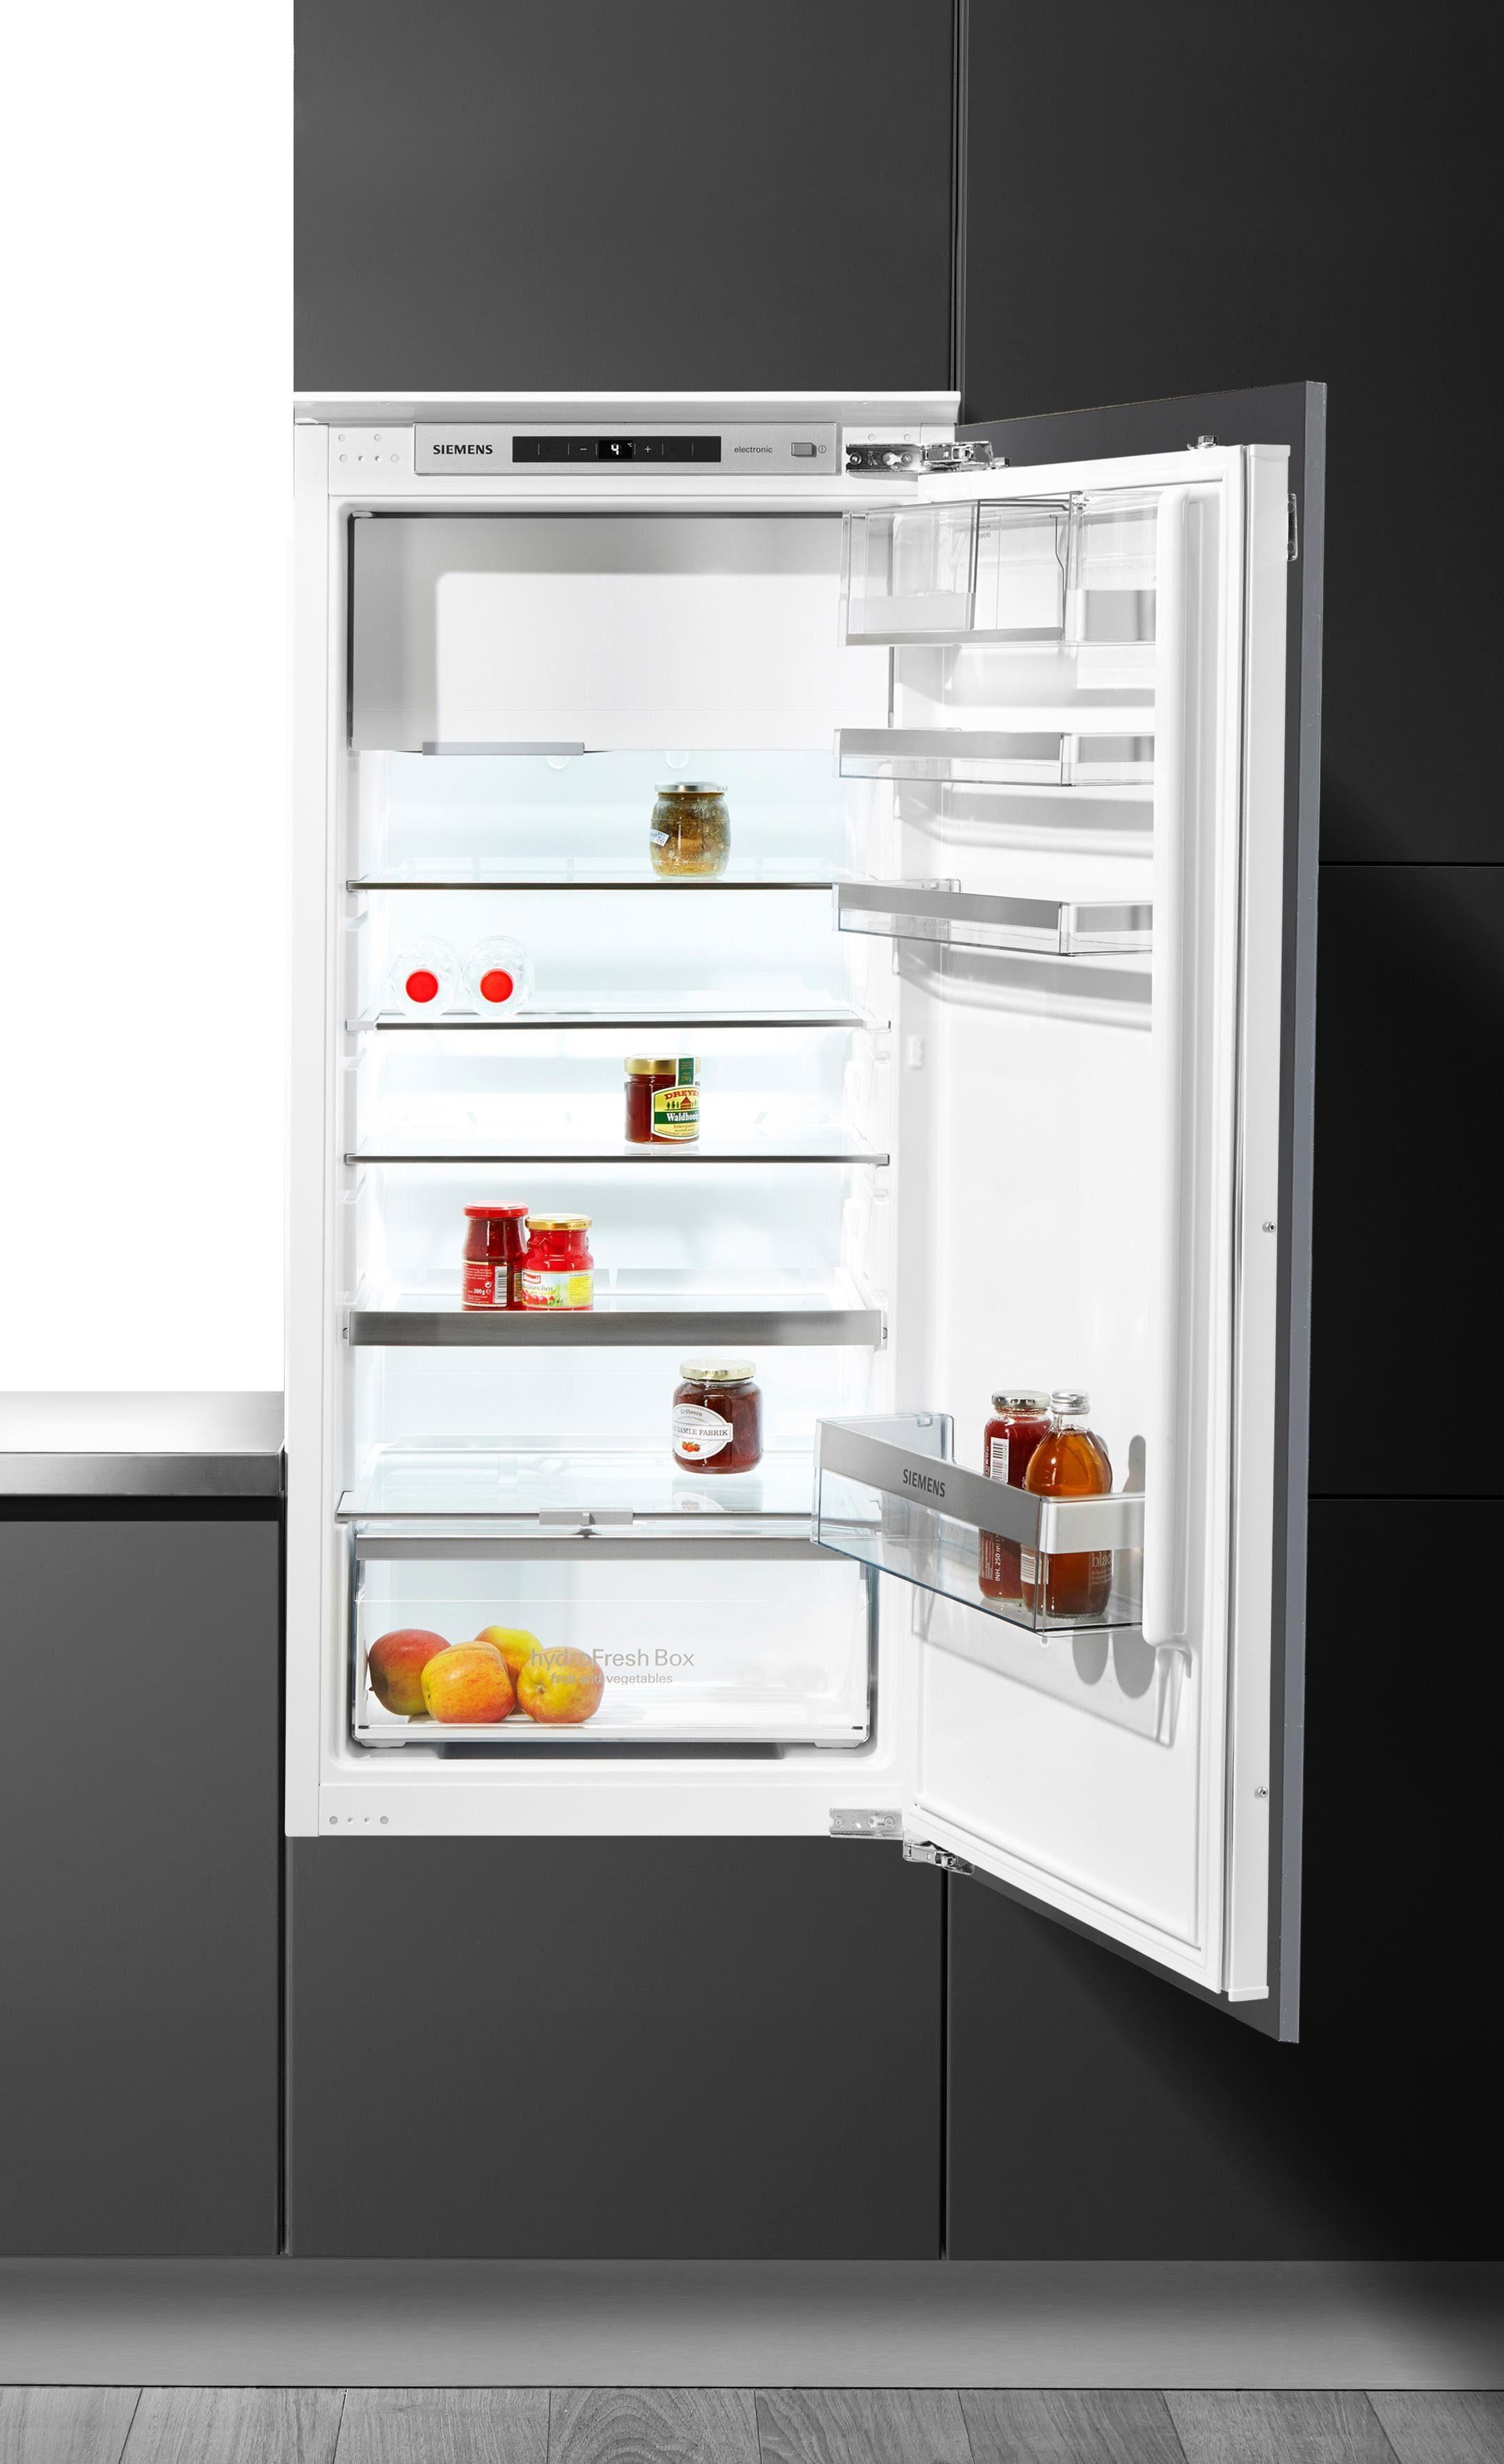 Siemens Einbau-Kühlautomat KI42LAF40, A+++, 122,1 cm hoch